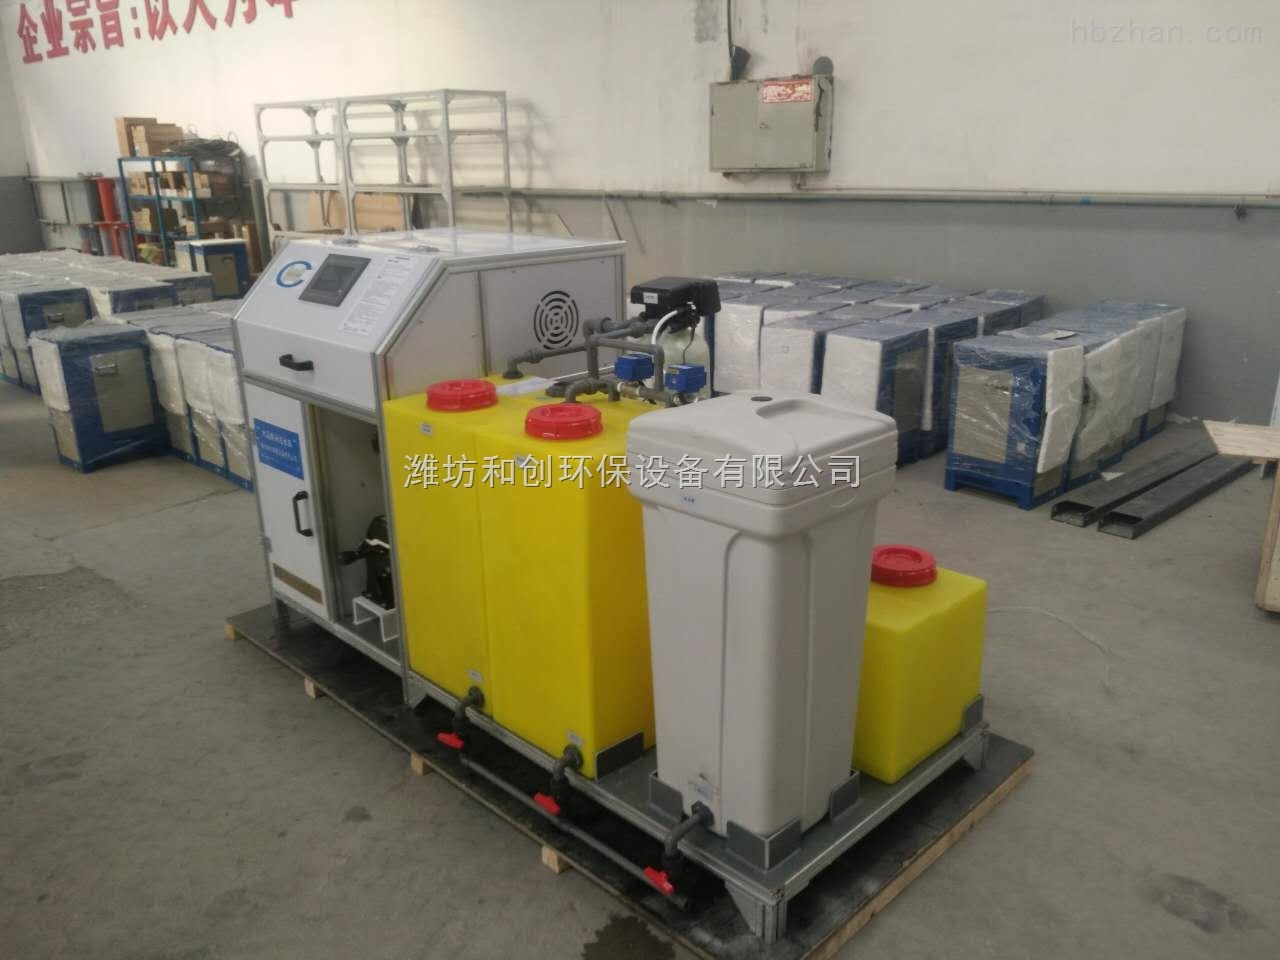 水利局项目次氯酸钠发生器消毒设备供应厂家